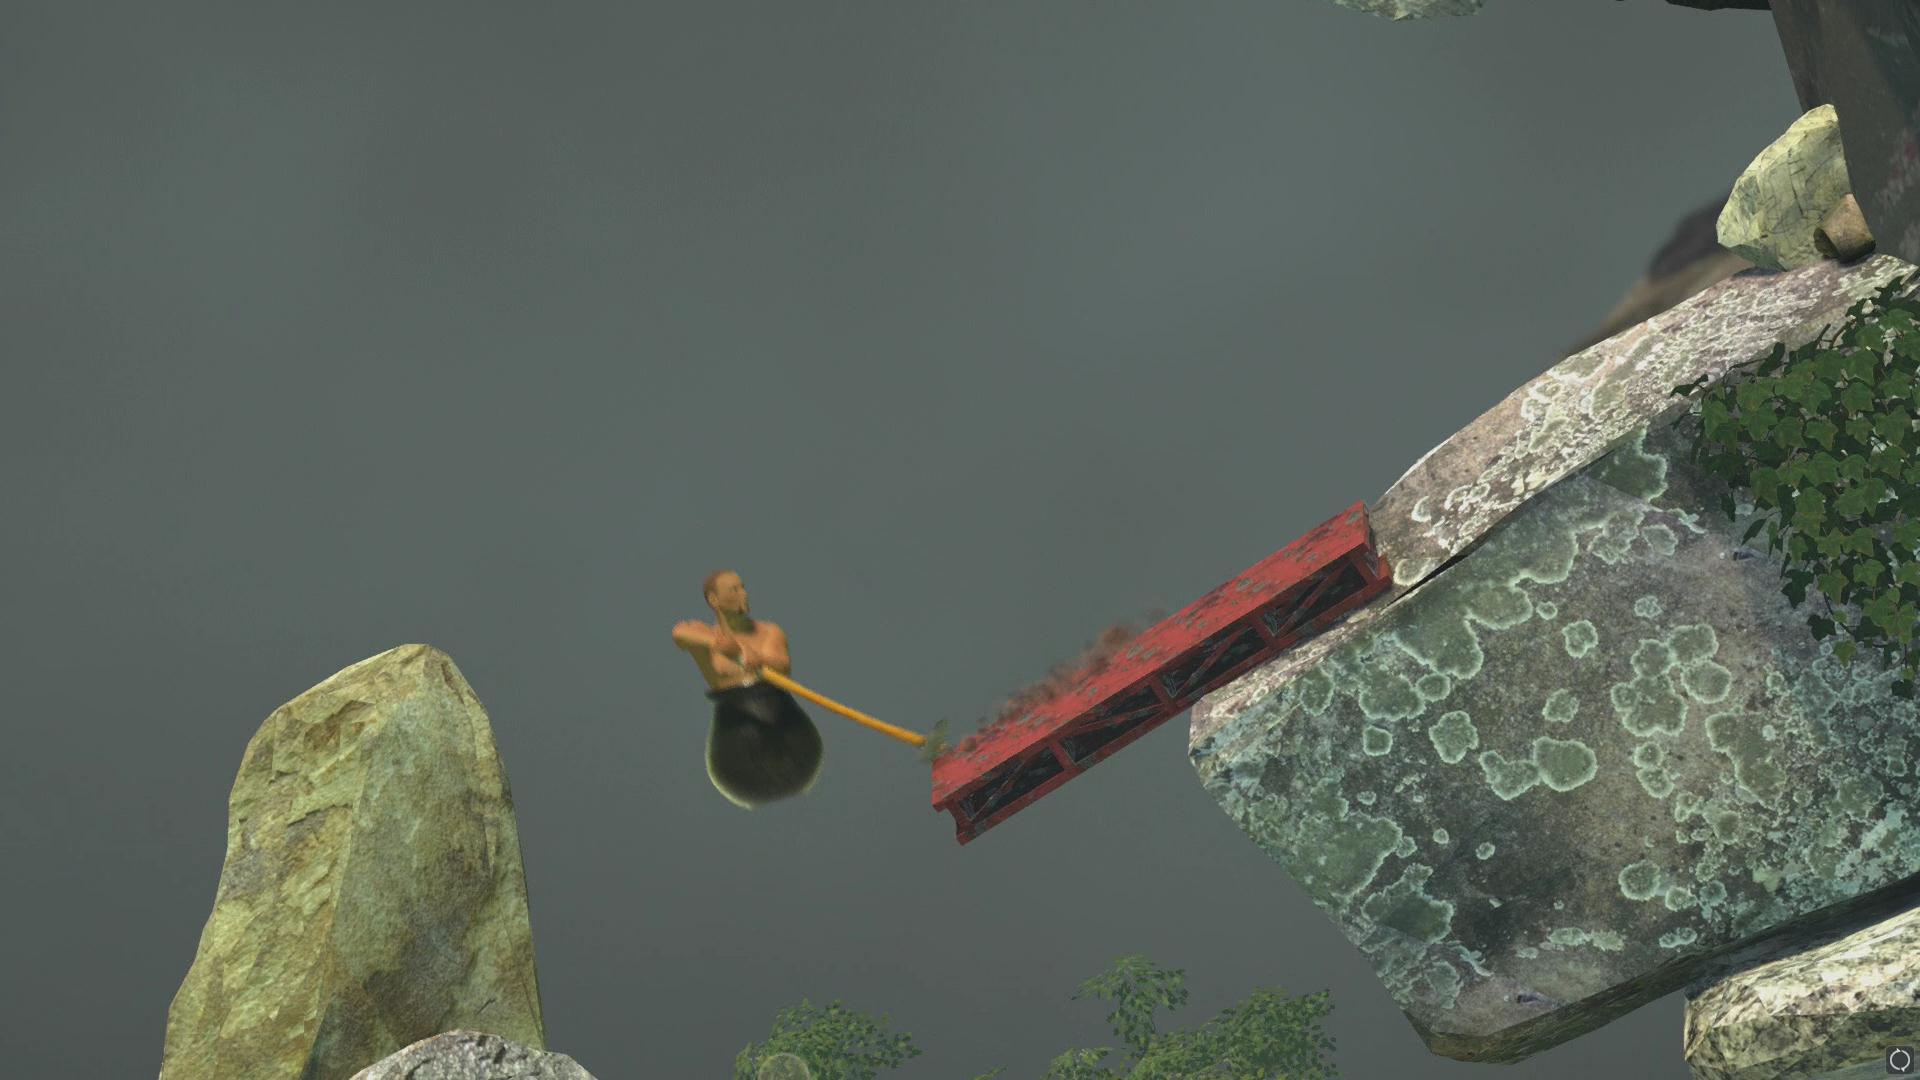 ハンマーで地面を叩きつけてジャンプし、崖の途中のオブジェクトを足掛かりとして、そこにハンマーの先を引っかけて留まる。ここから更にハンマーを回転させて、上へとジャンプしていくのが基本操作だ